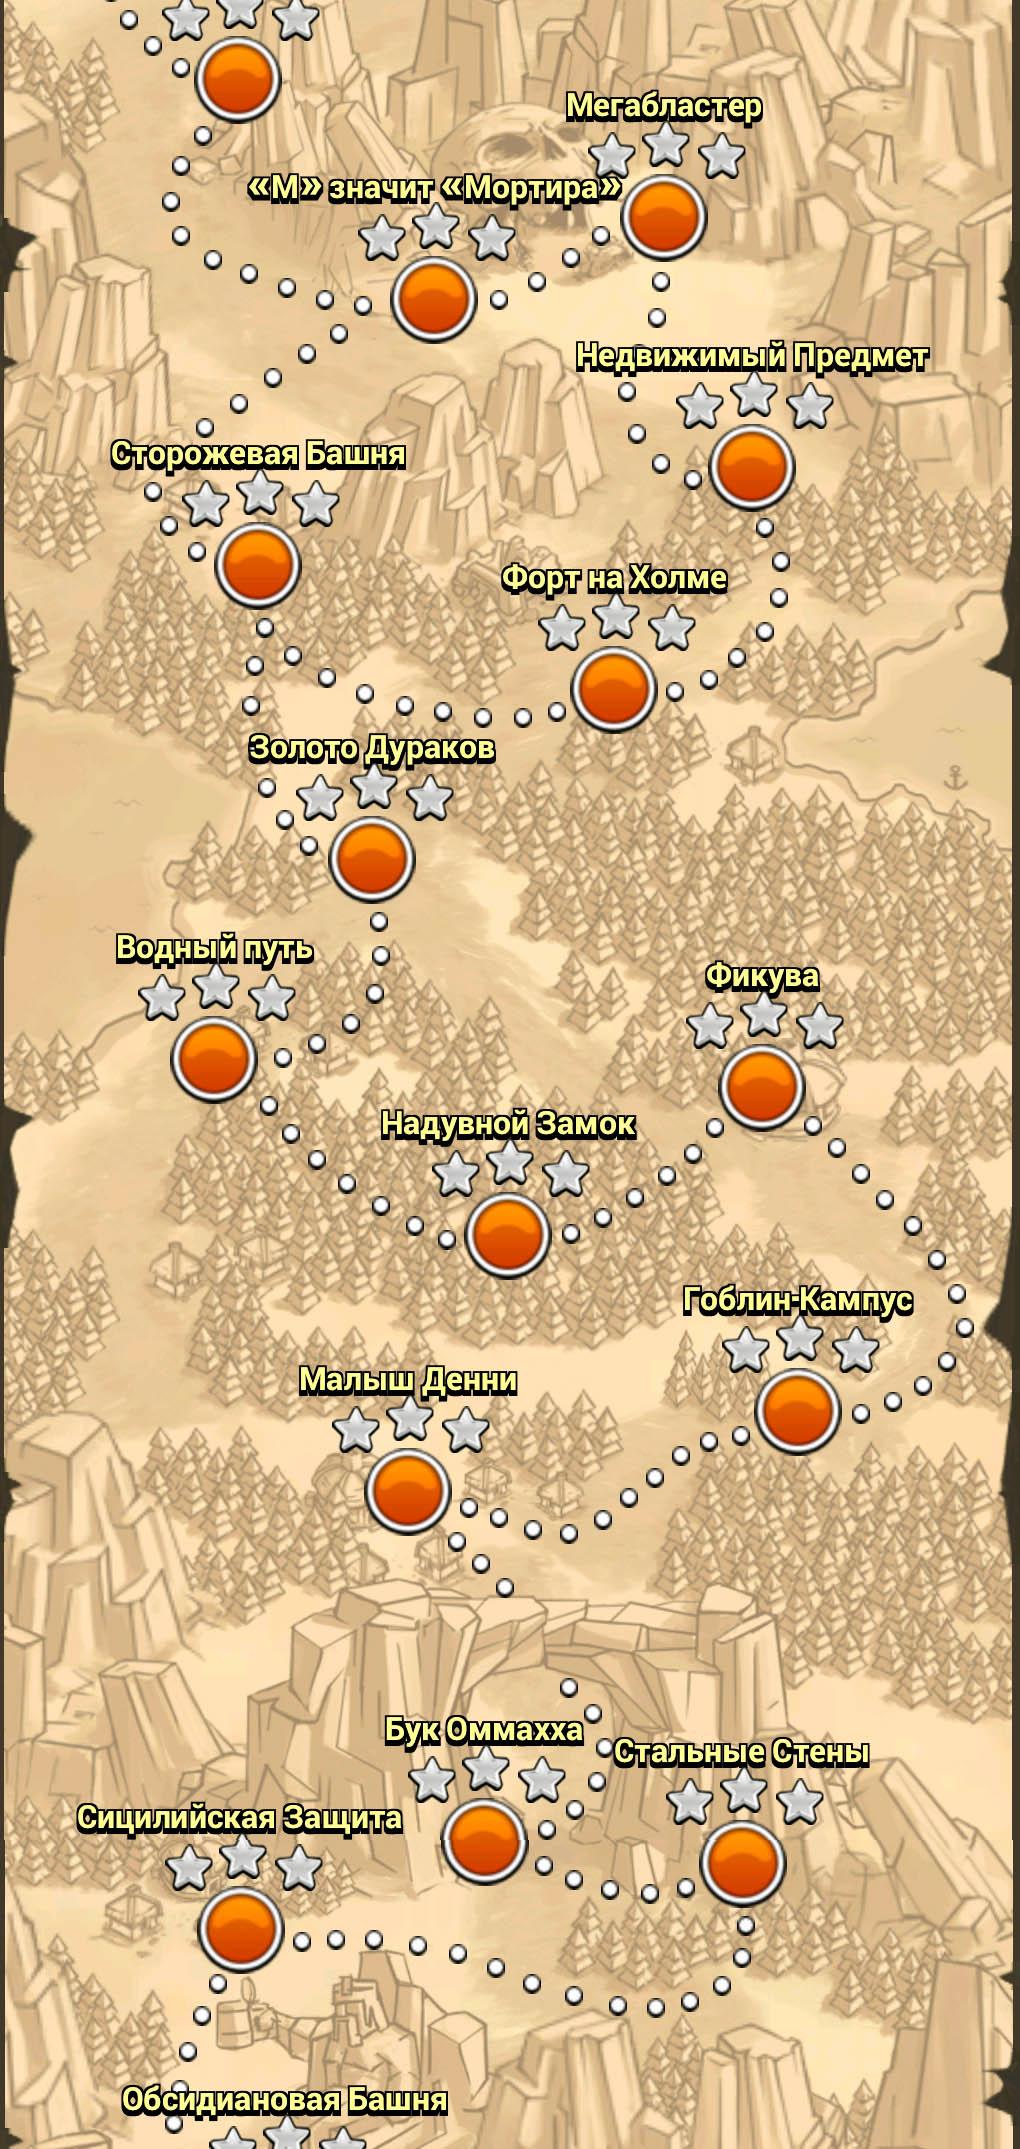 Карта одиночной кампании 2